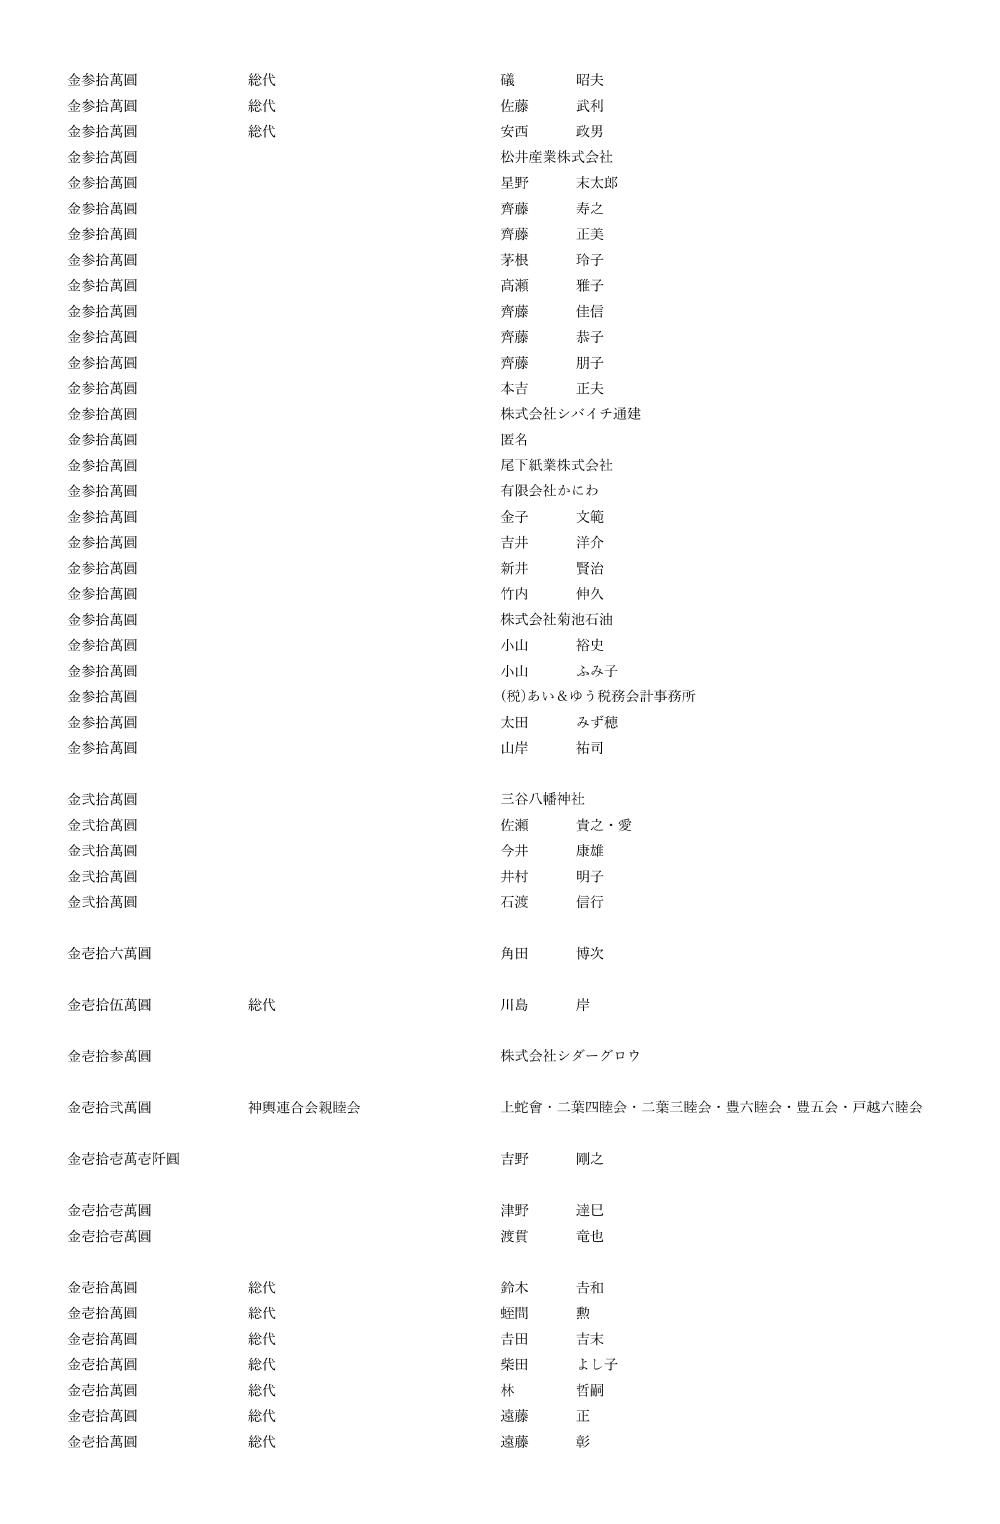 御鎮座七百年記念事業奉賛者御芳名簿2